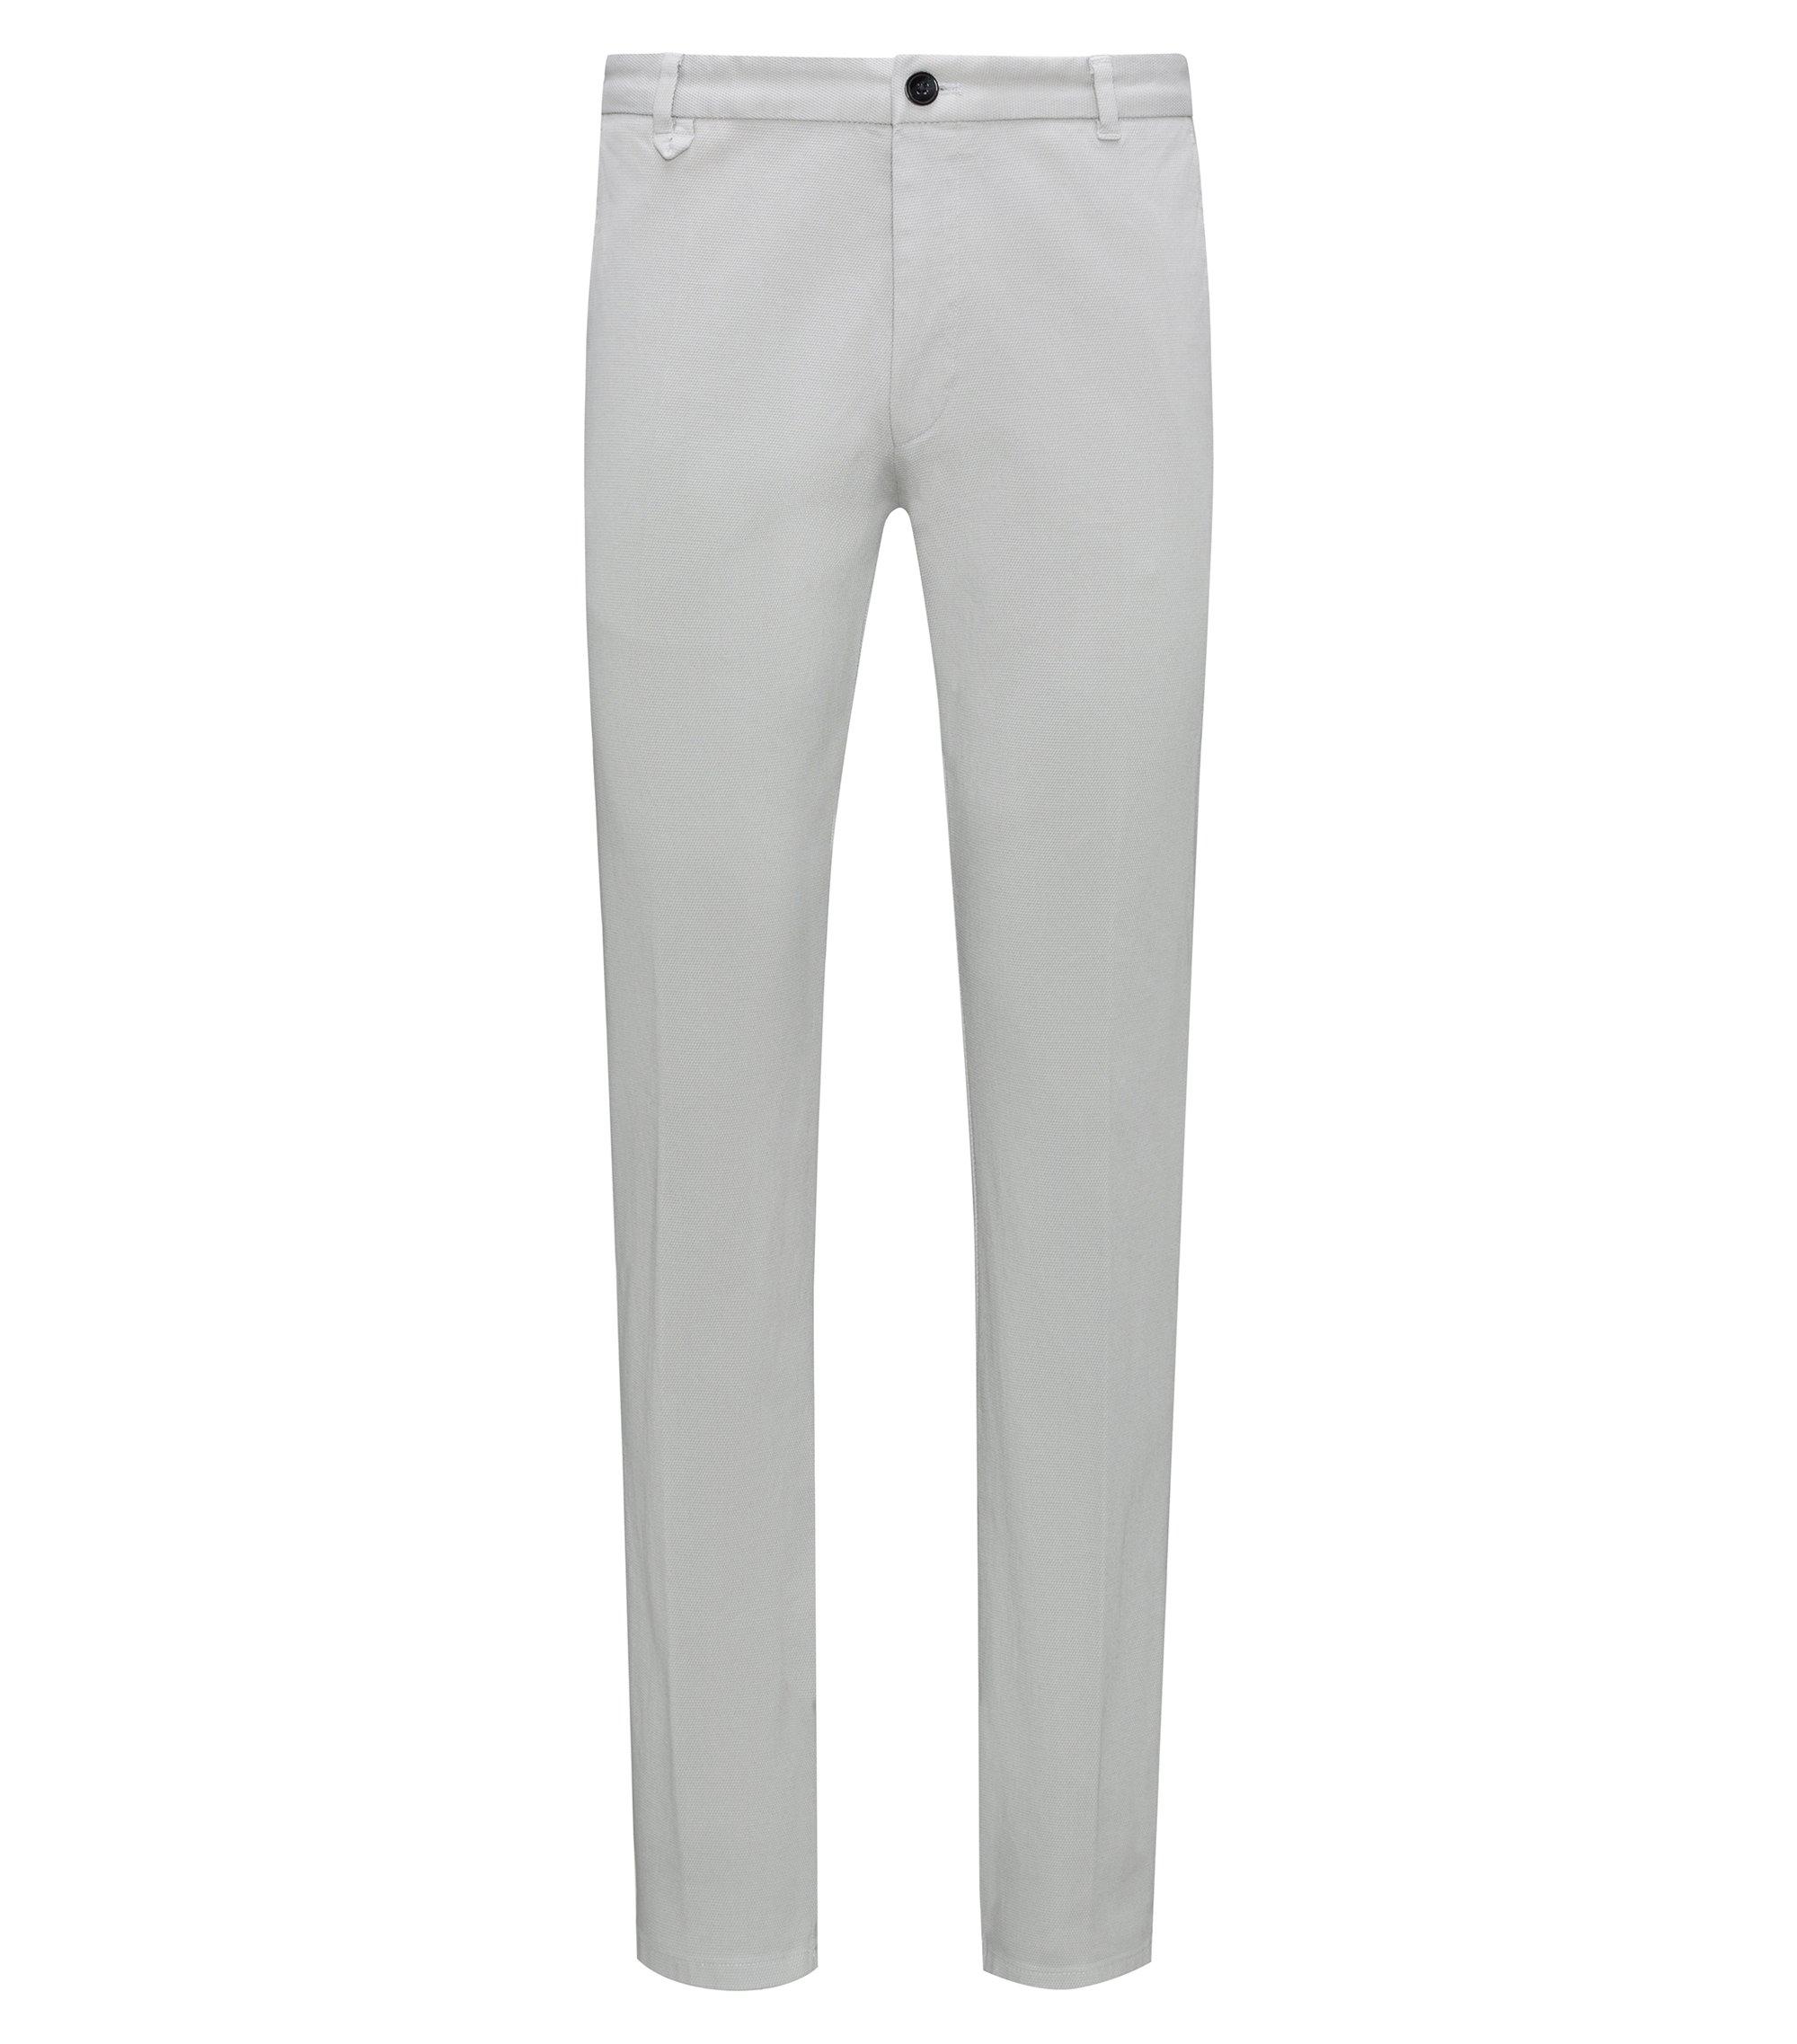 Pantalon extra slim fit en coton stretch à effet mesh, Gris